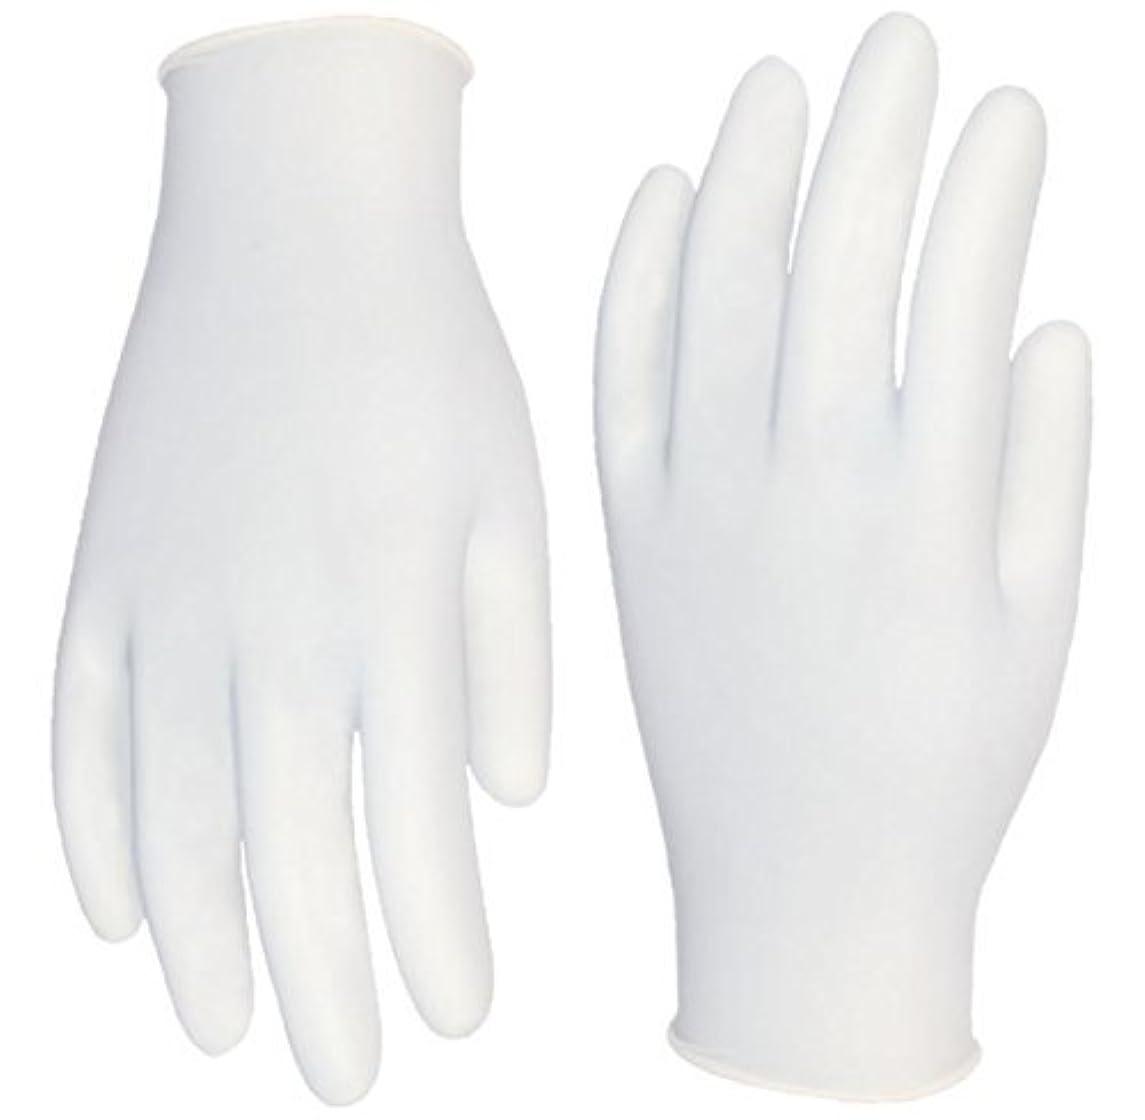 ティーム散らすごちそうCordova Safety Products 4015XL Silver Industrial Grade Latex Powder Free Disposable Gloves, X-Large [並行輸入品]